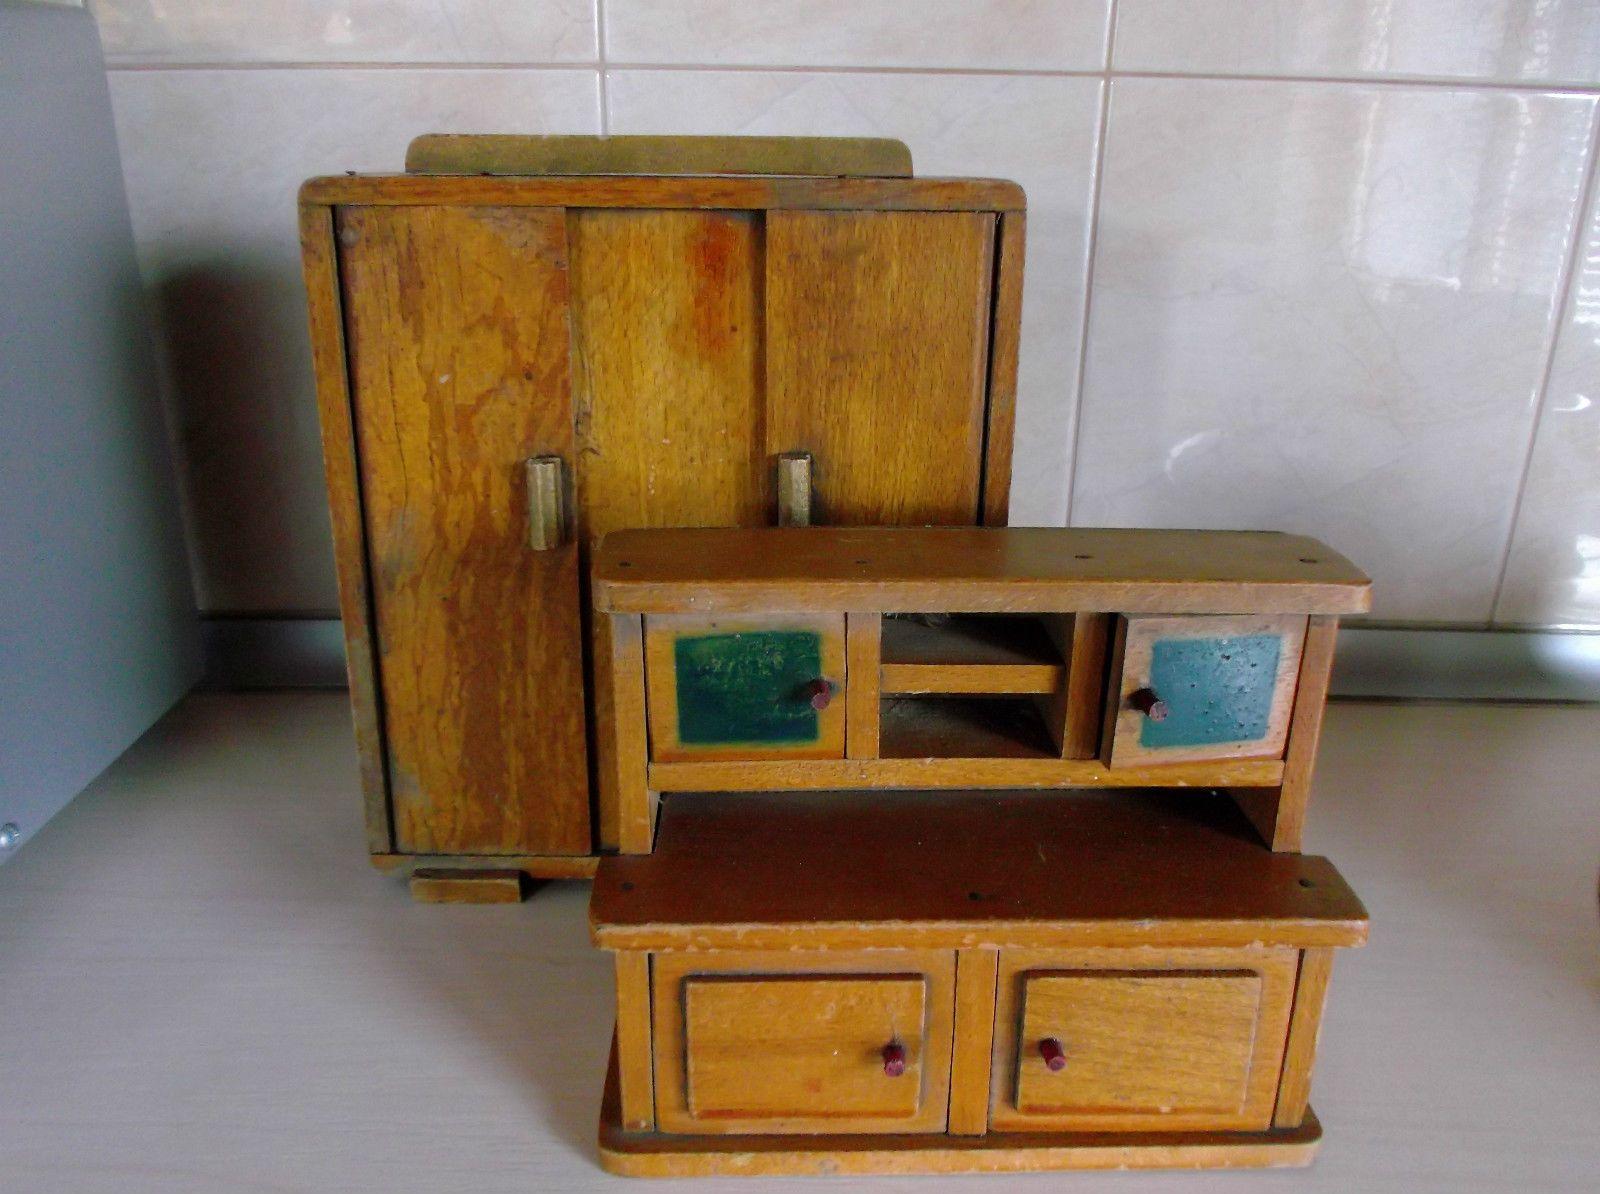 Wonderful Vintage Old Wooden Dolls House Furniture | EBay